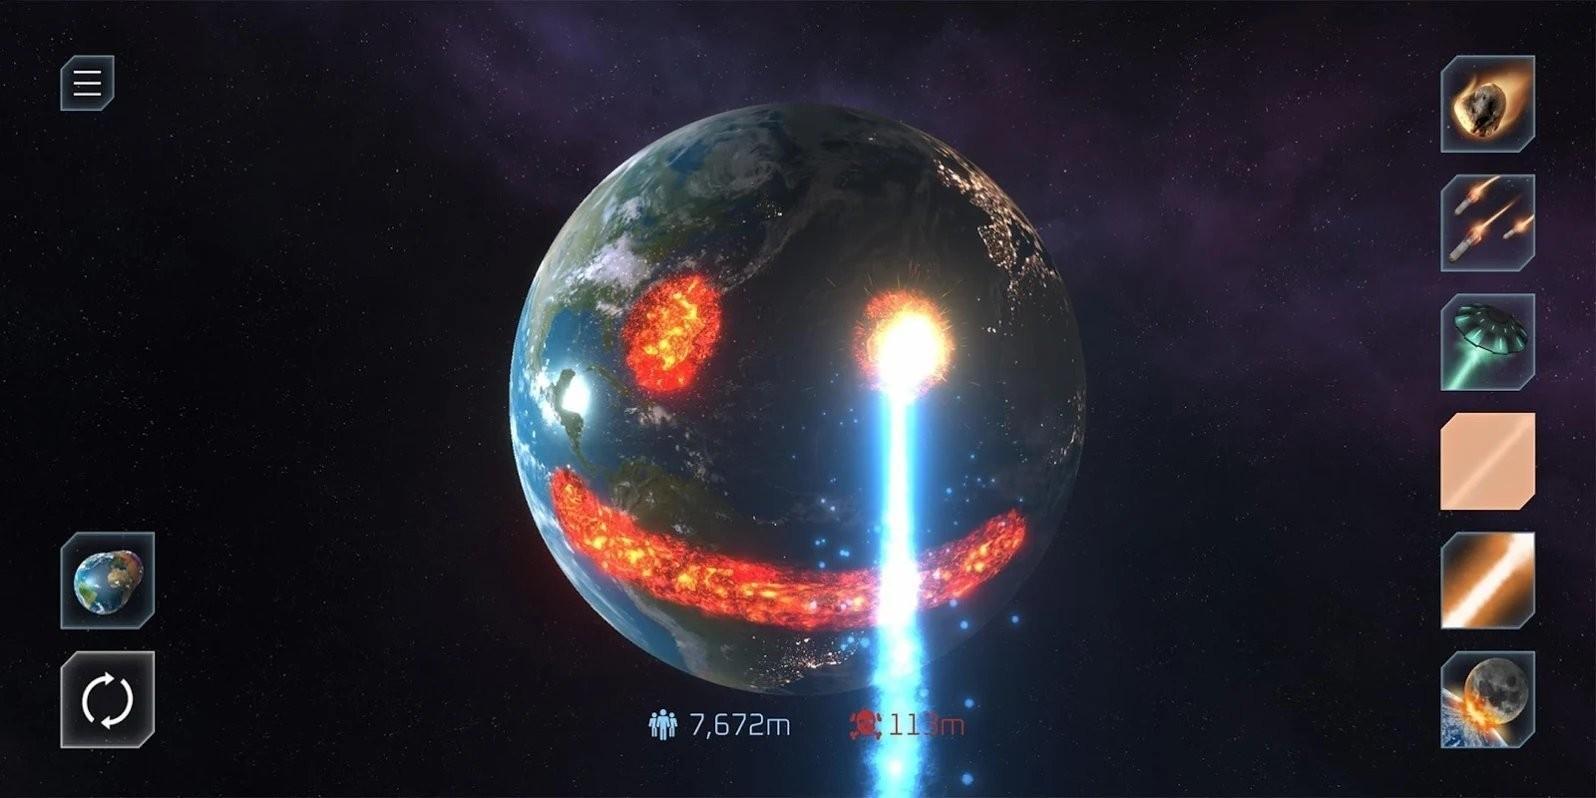 星球爆炸模拟器2021截图2